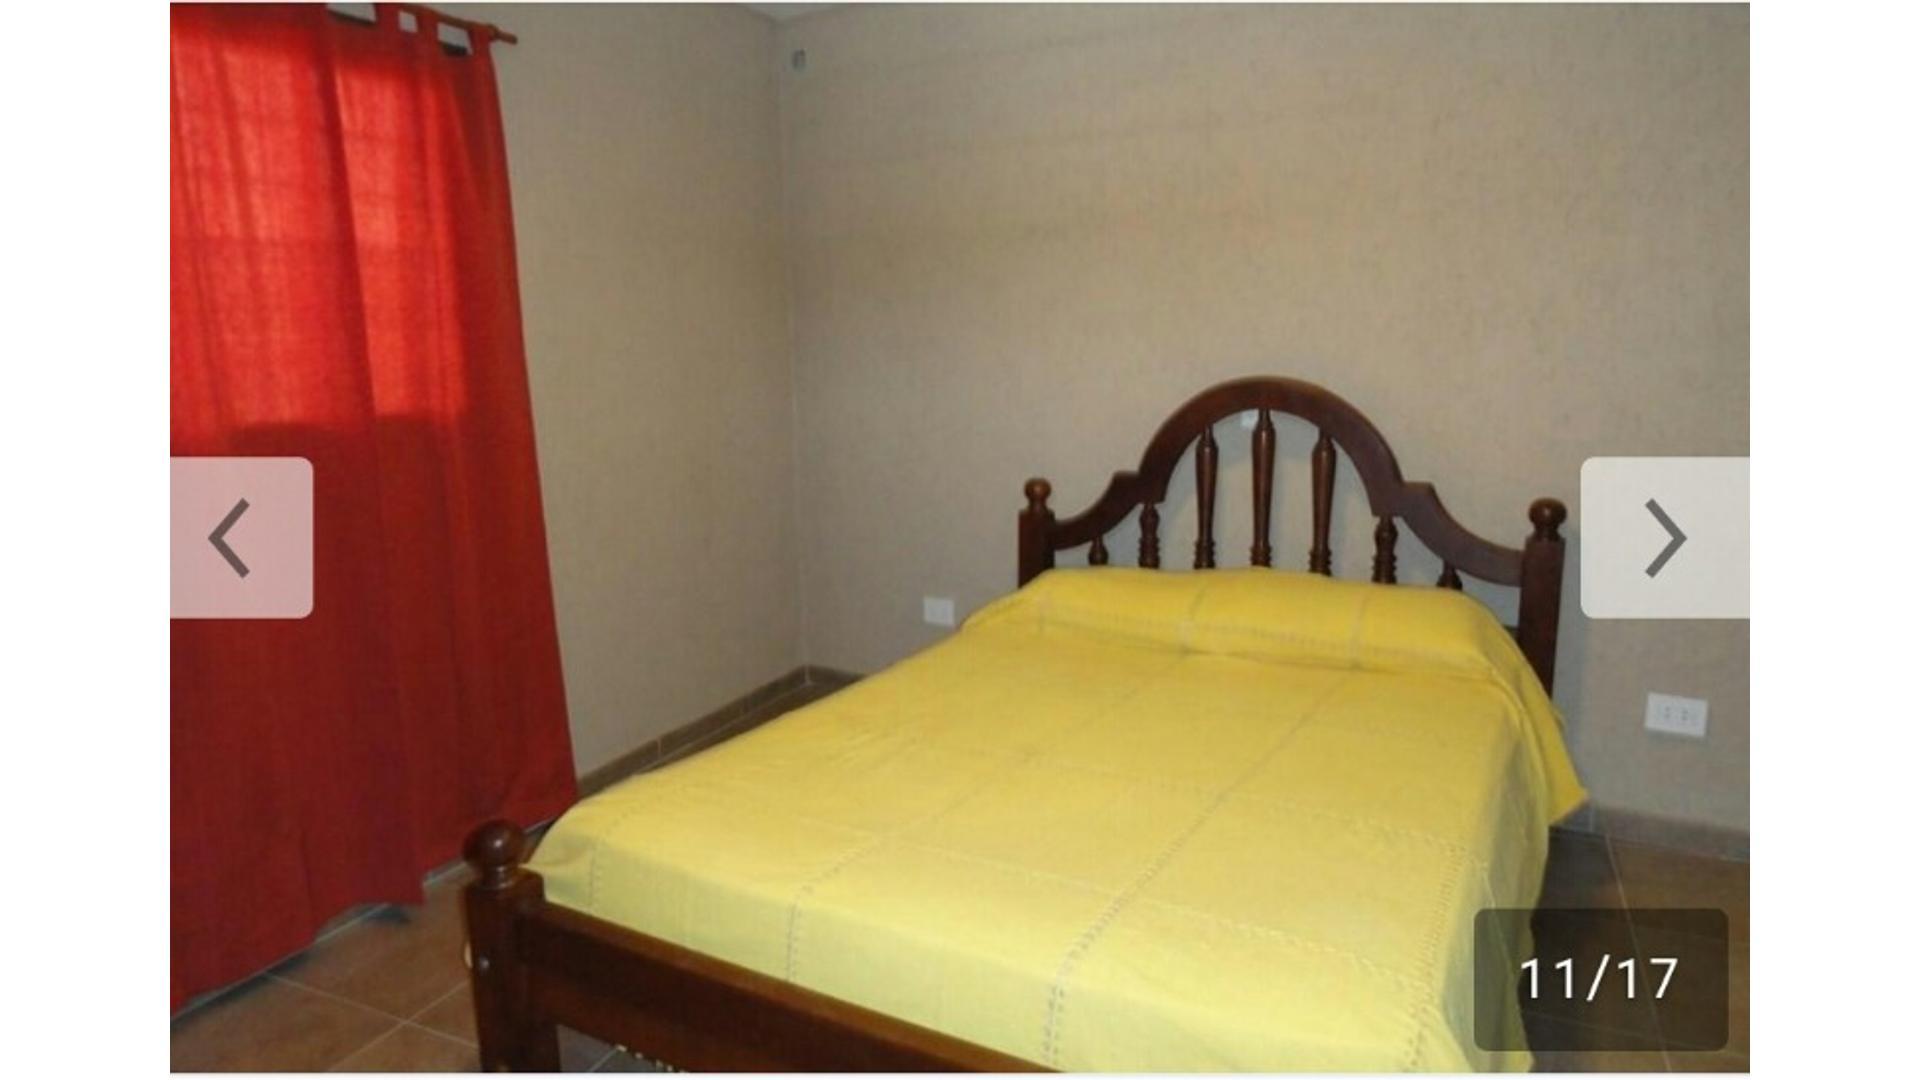 Loft Muebles Cocina Paz Cordoba ✅ 57650 propiedades - Tengoun.com.ar